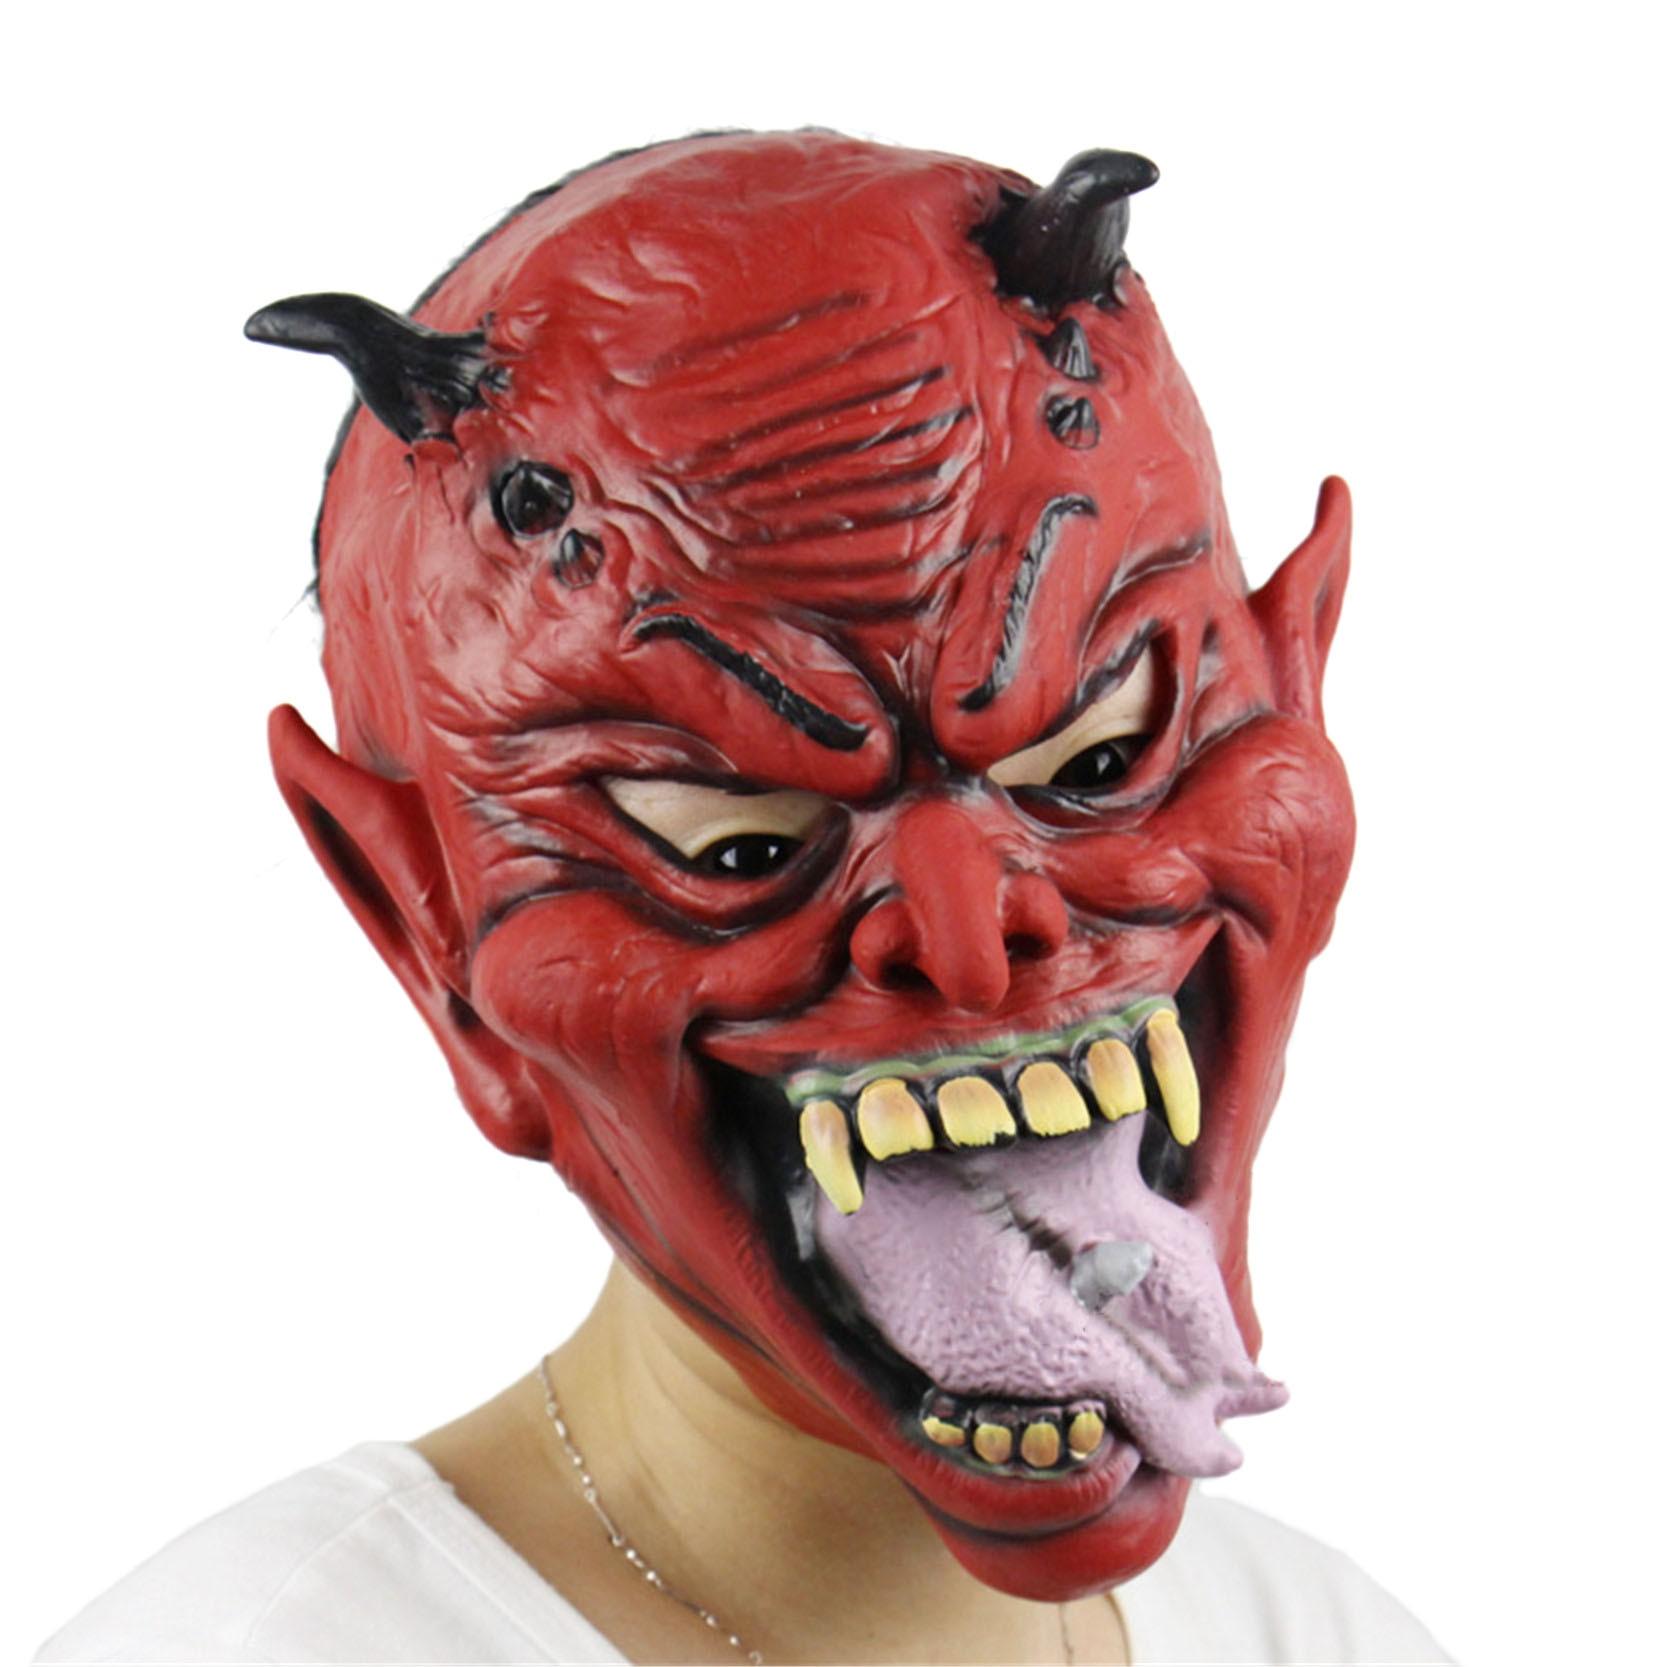 Compre Nuevas Mscaras De Infierno De Halloween Mask Hell Mscaras